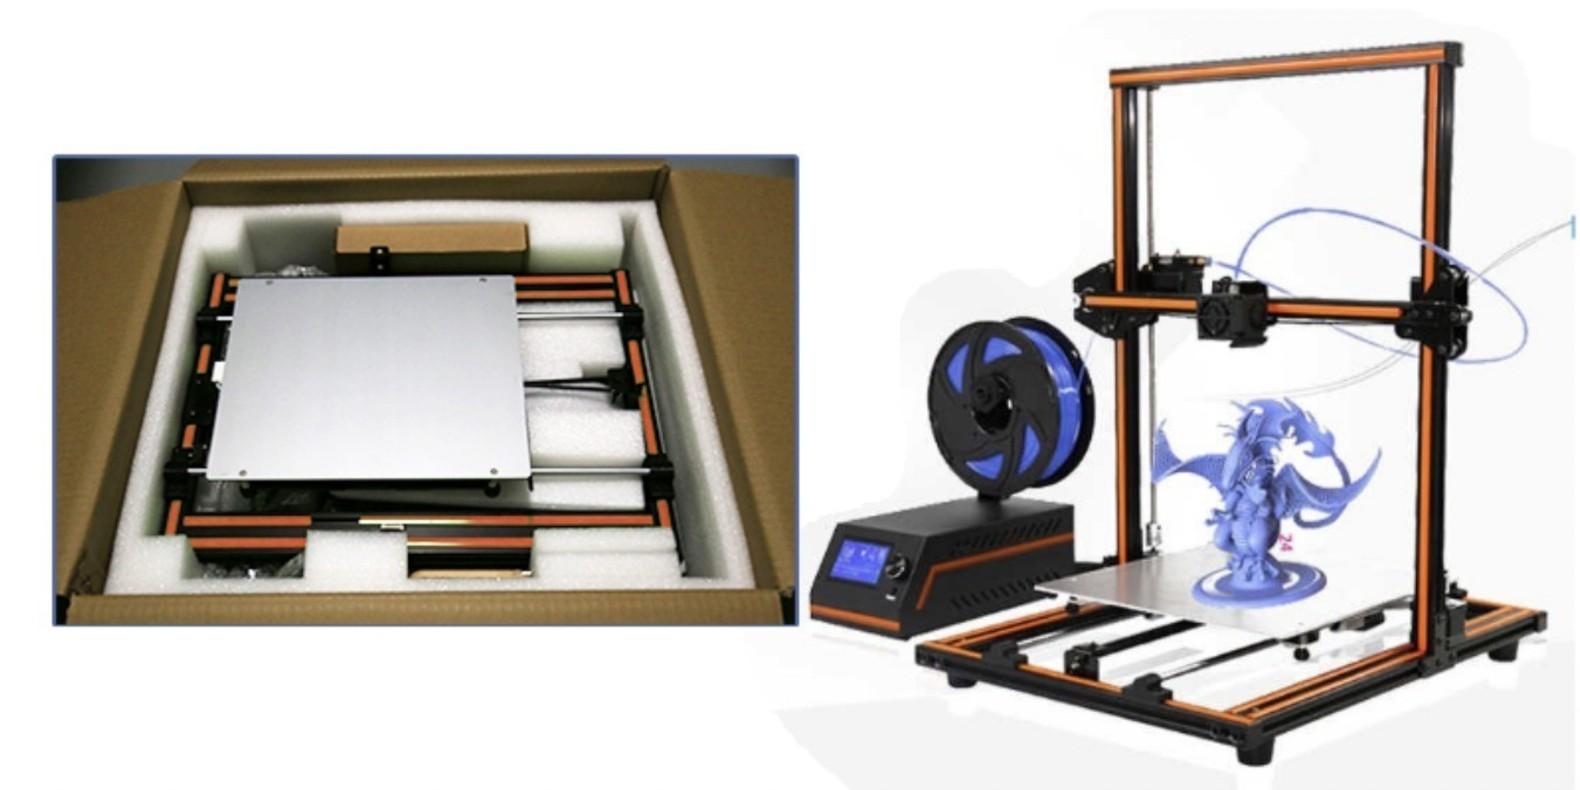 Cómo configurar una impresora 3D en 4 pasos